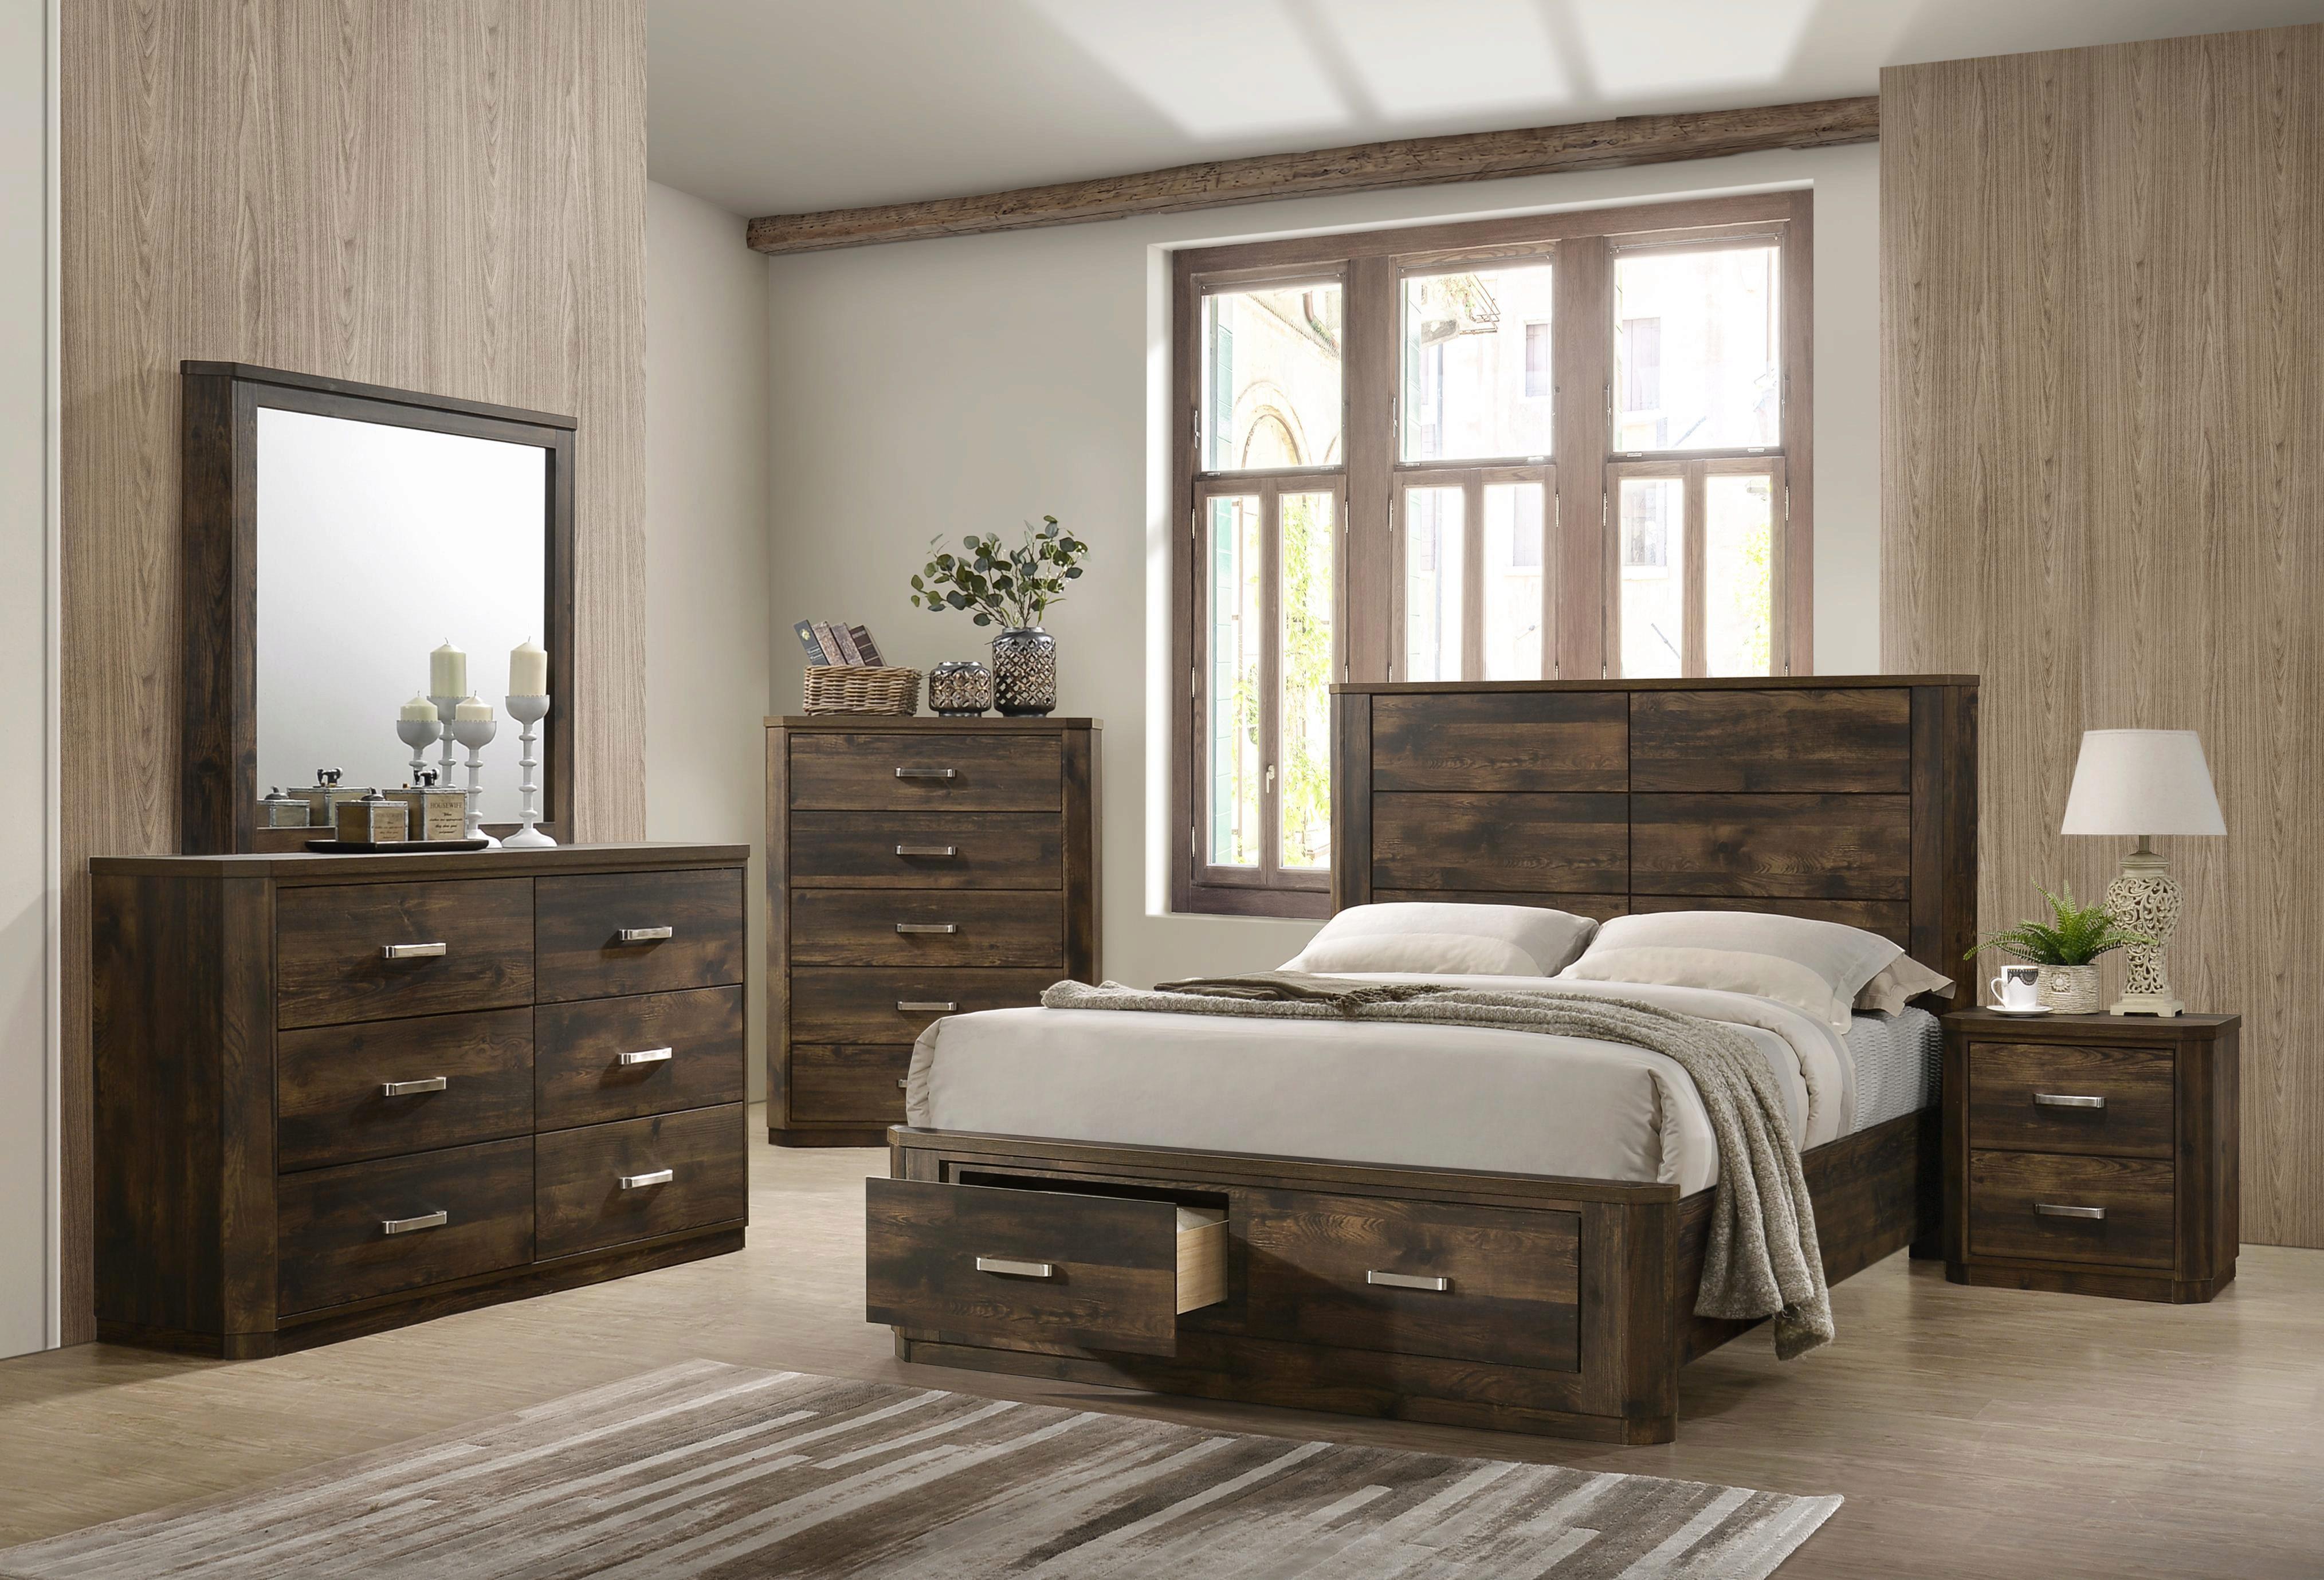 Transitional Rustic Walnut Wood Storage King Bed Elettra 24197ek Acme 24197ek